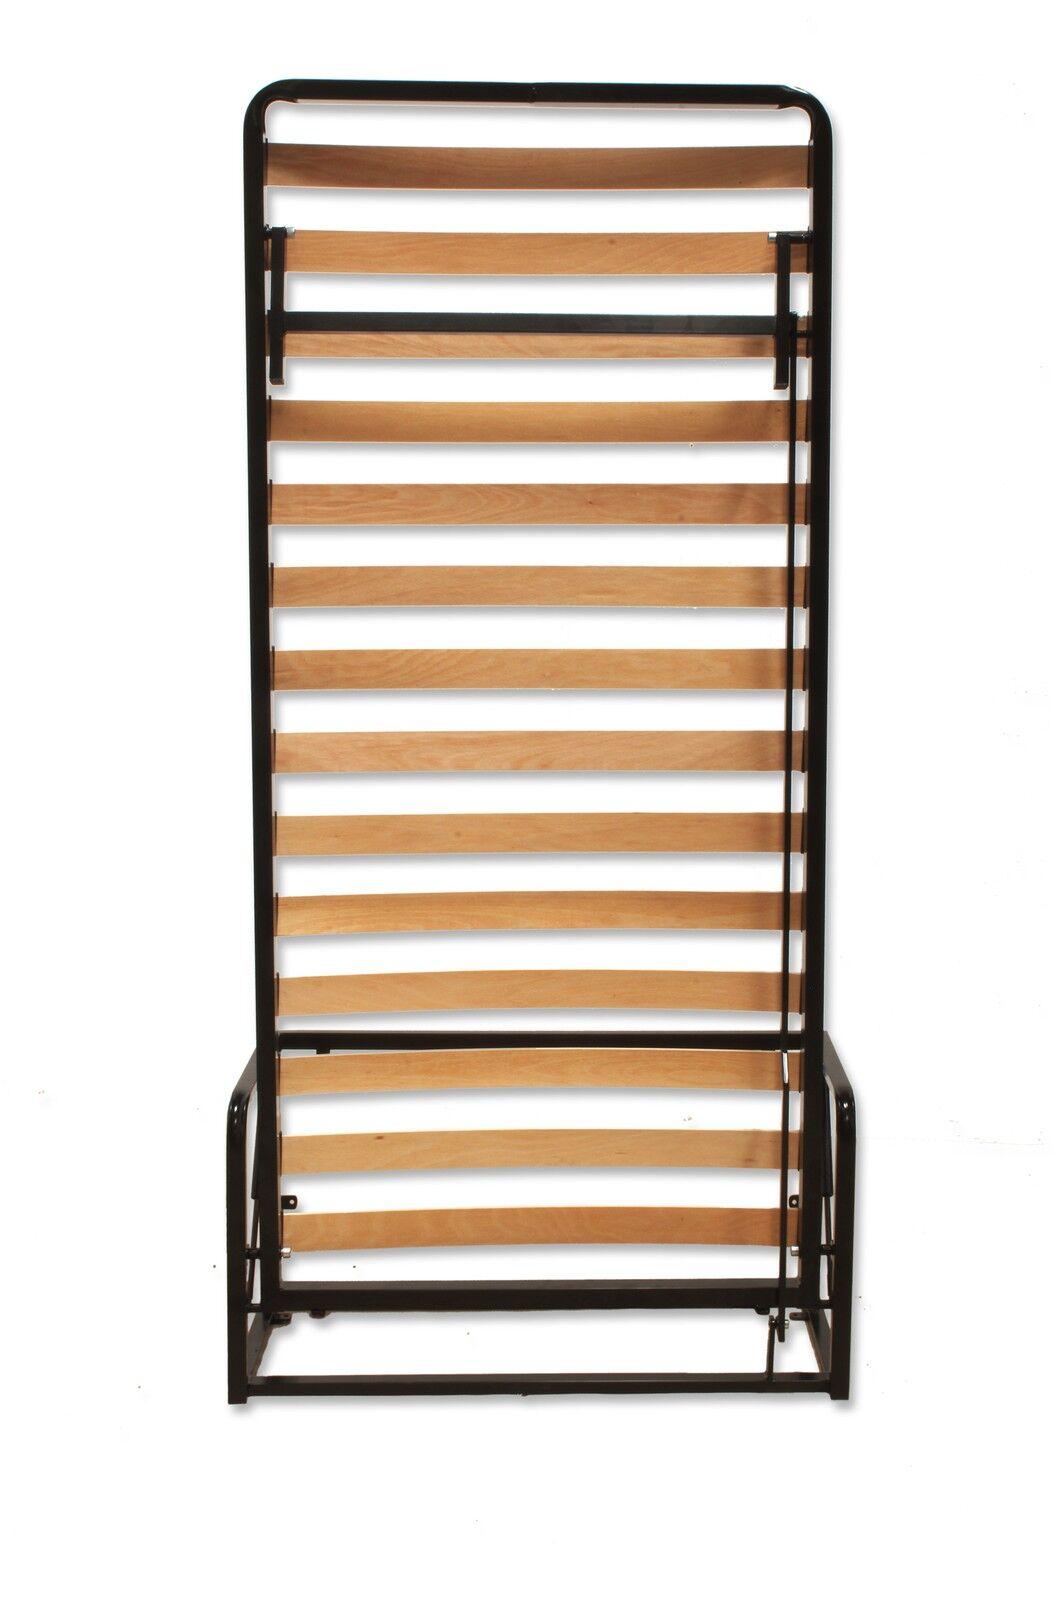 somier cama abatible vertical cama empotrada vertical cama plegable x